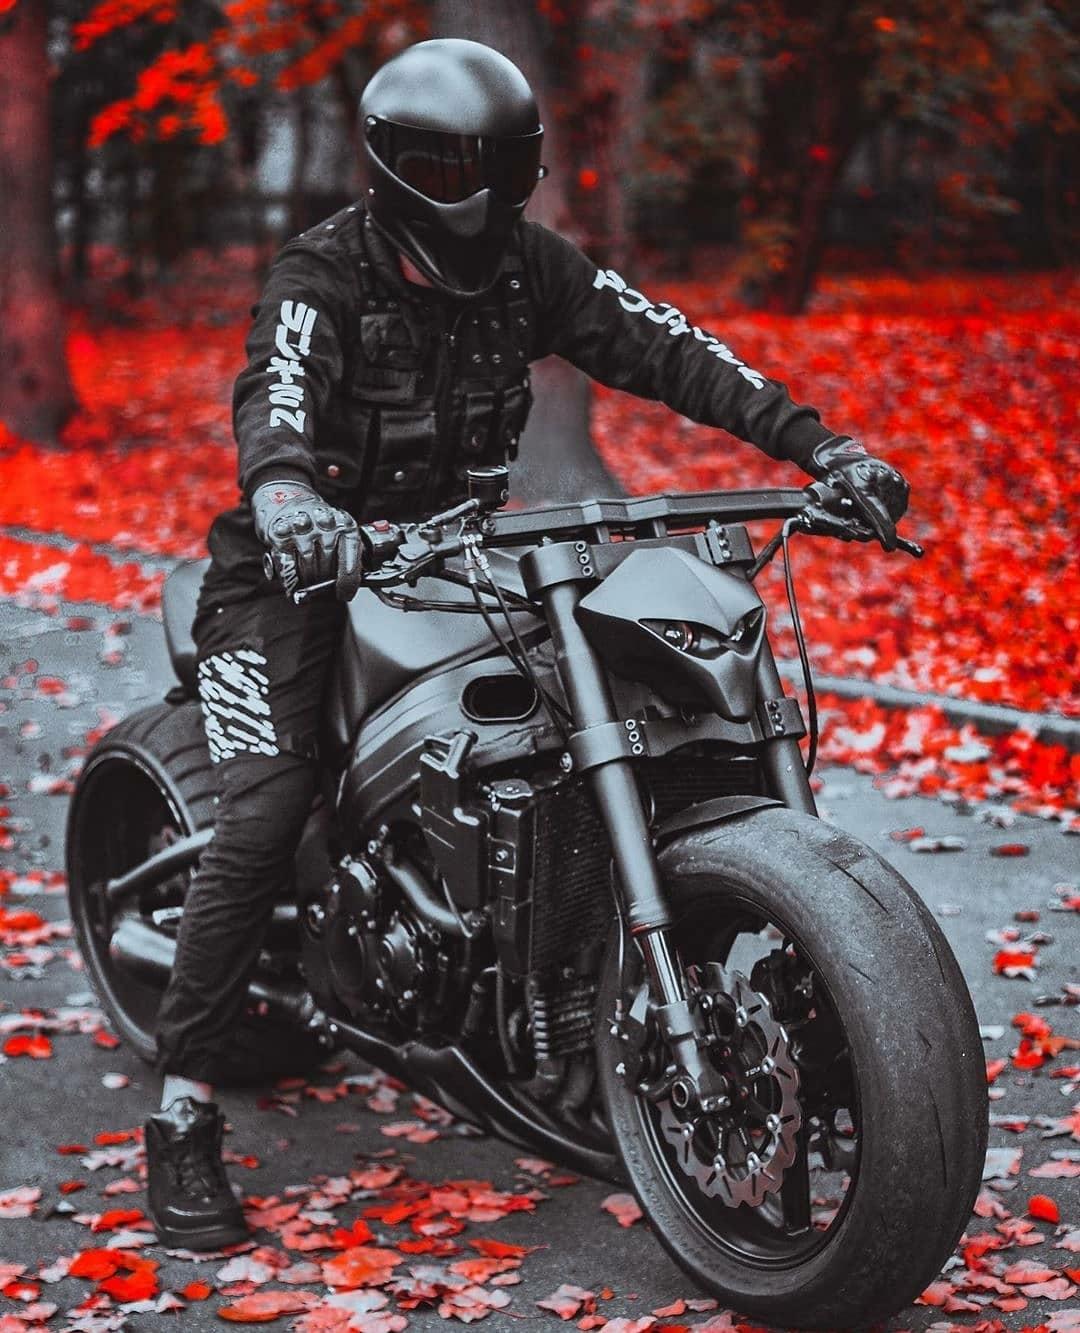 mean looking motorcycle